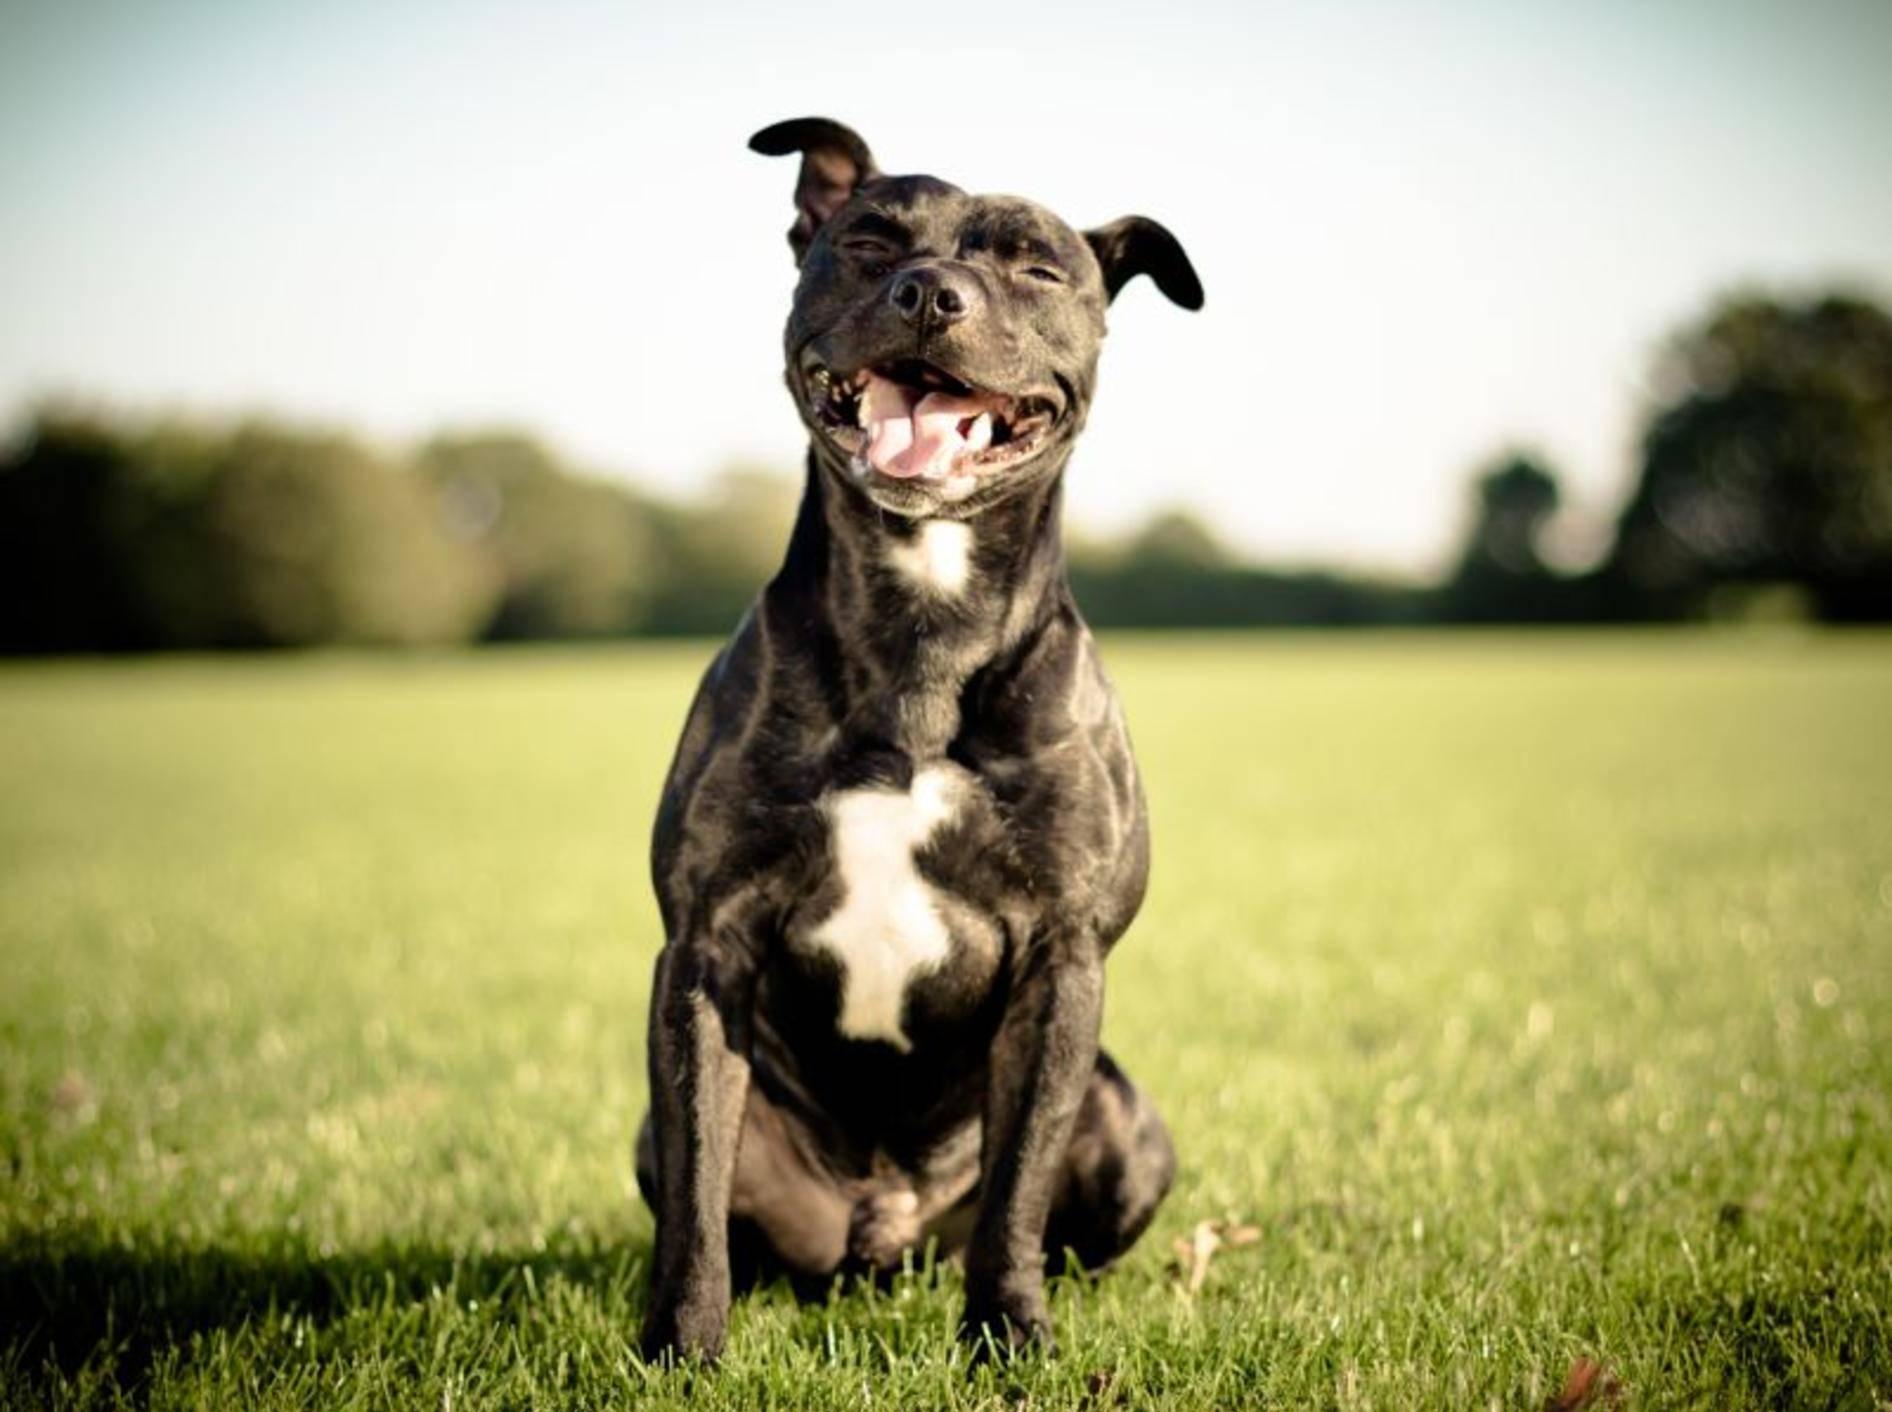 Wie verlässlich ist ein Hund? Ein Wesenstest soll Gewissheit bringen – Bild: Shutterstock / arturasker